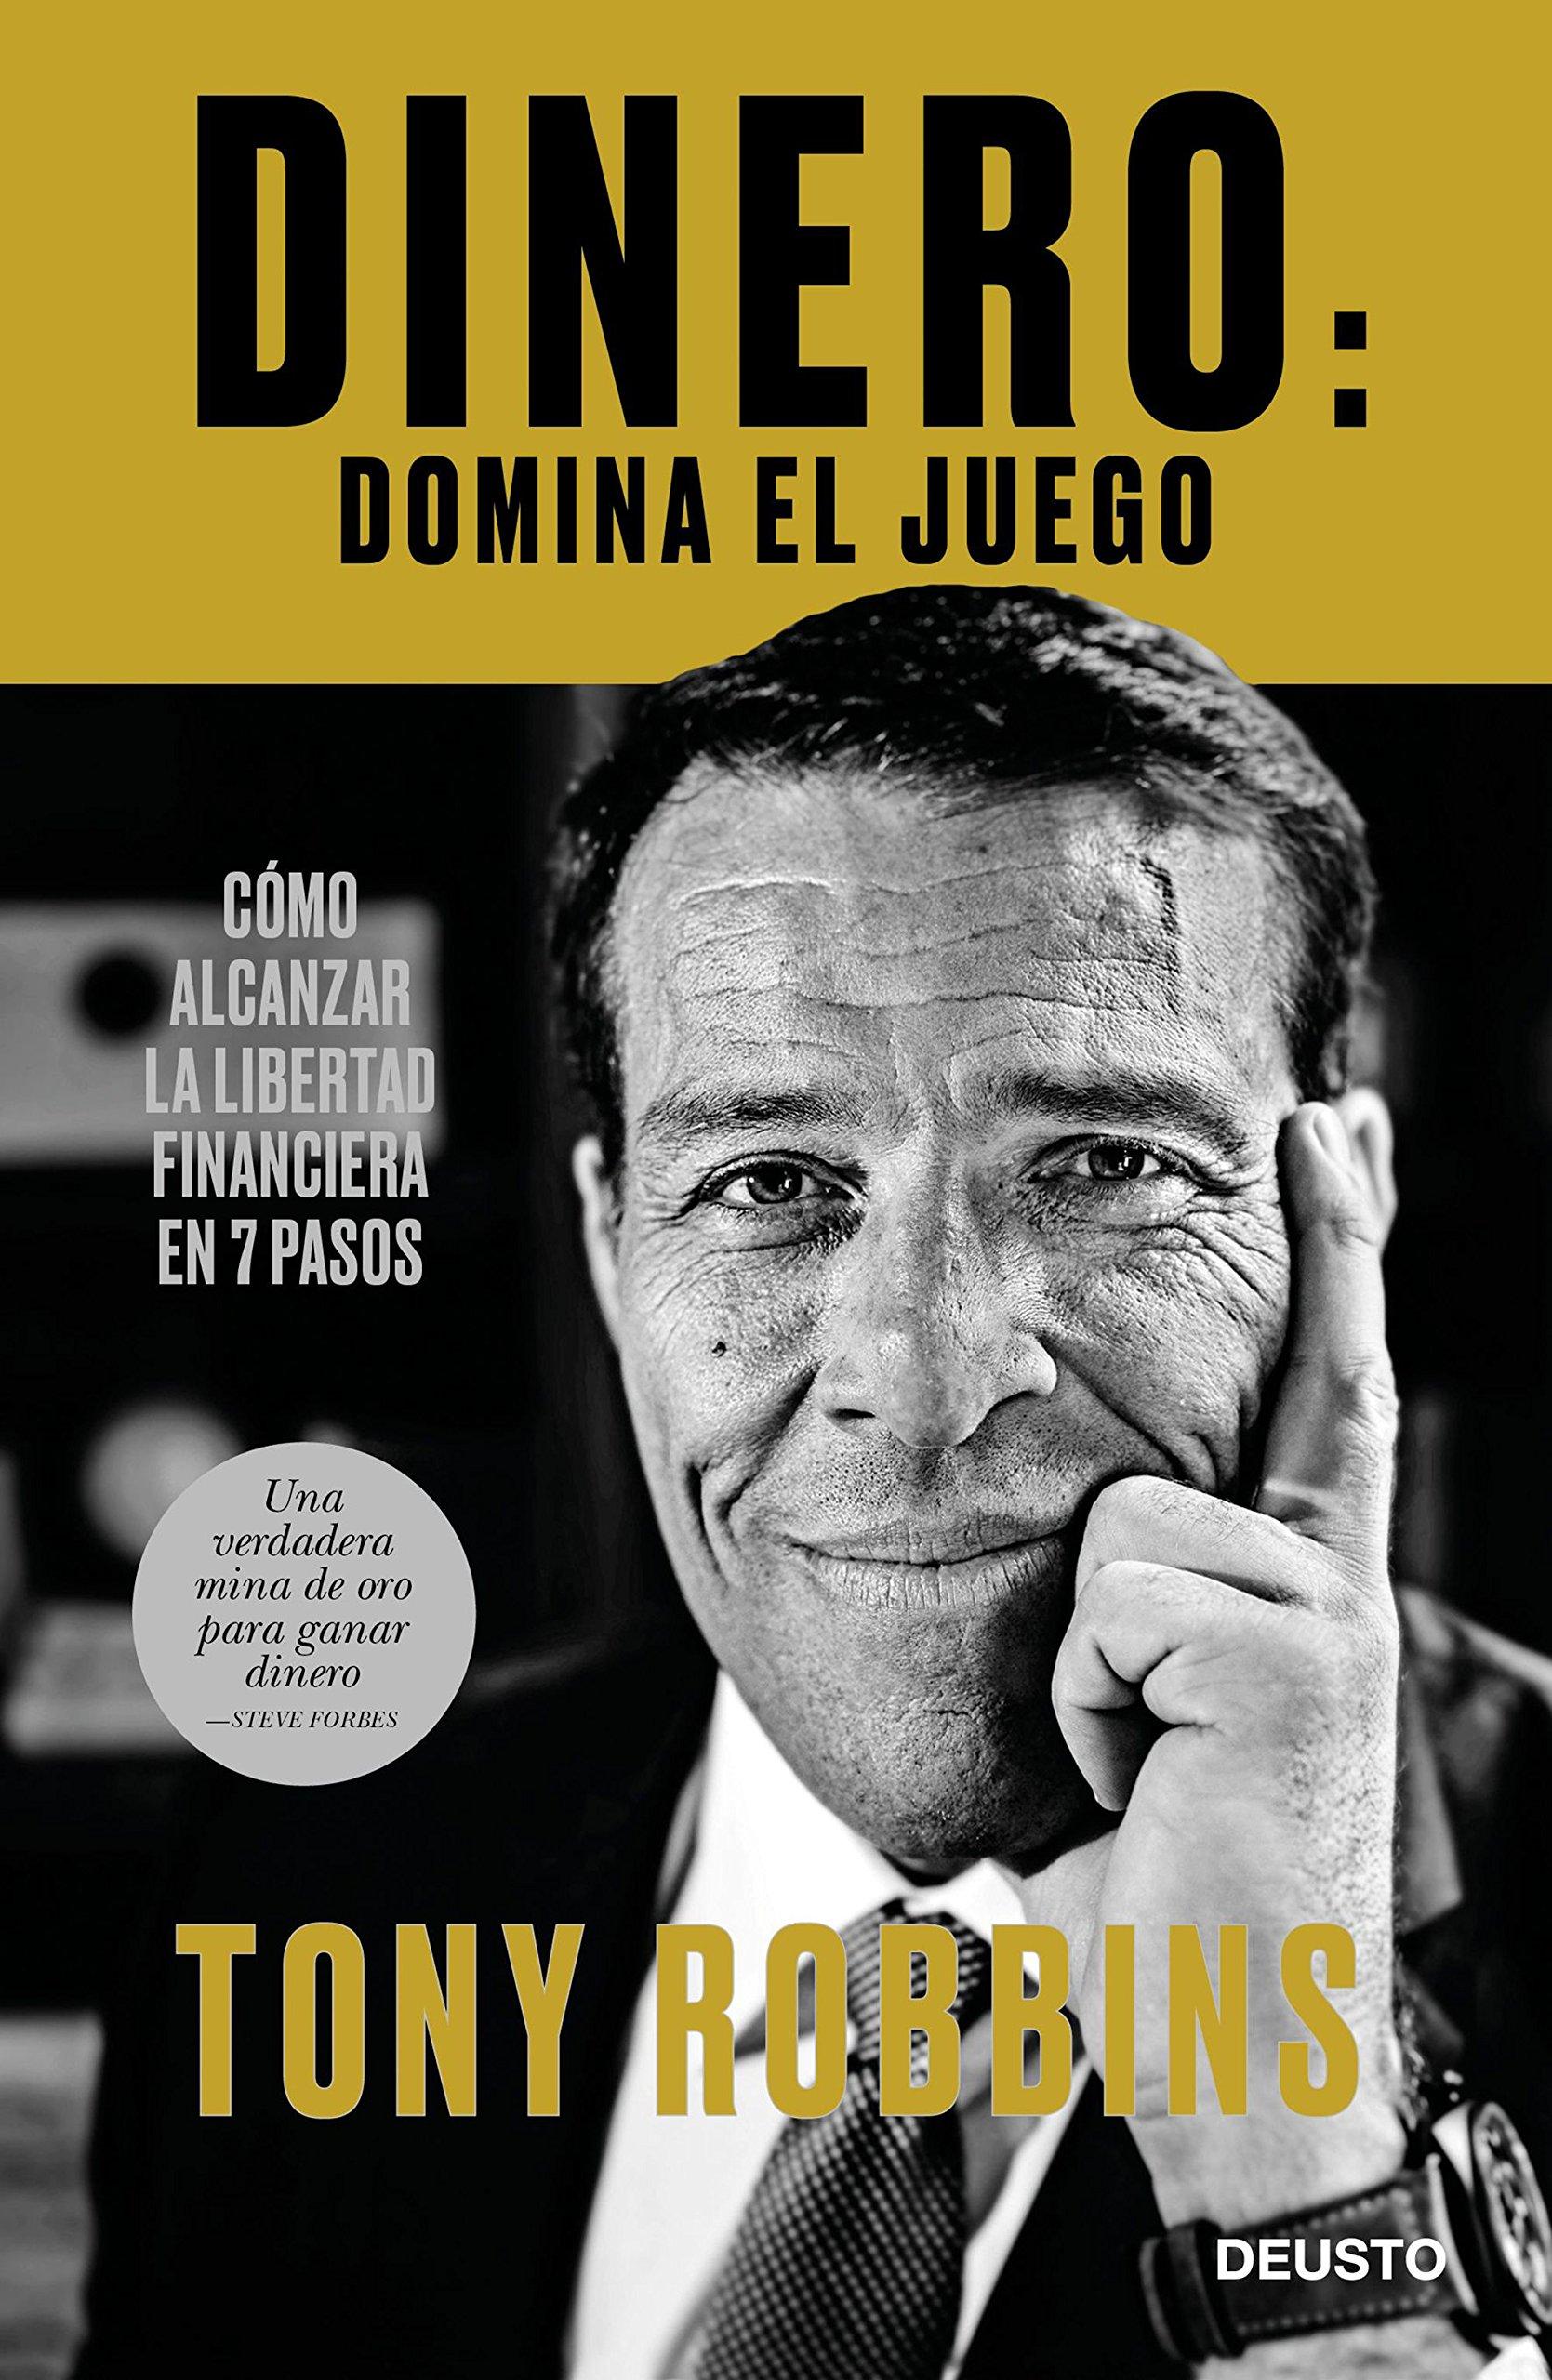 Dinero: domina el juego: Cómo alcanzar la libertad financiera en 7 pasos (Sin colección) Tapa blanda – 6 mar 2018 Tony Robbins Juan Manuel Salmerón Arjona Deusto 8423429016